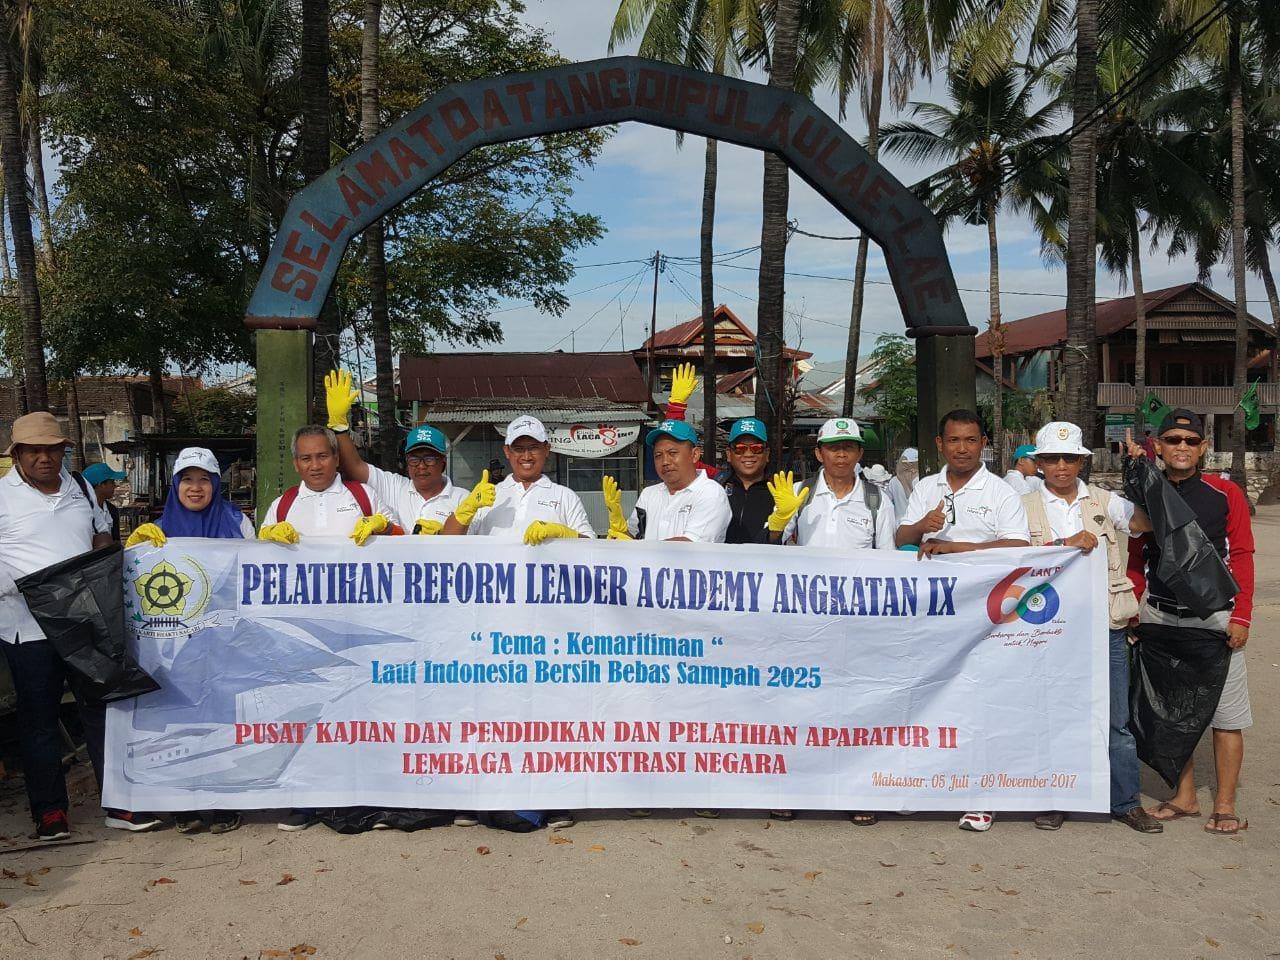 Reform Leader Akademi (RLA) Angkatan IX 2017, Edukasi dan Aksi Wujudkan Laut Indonesia Bersih, Bebas Sampah 2025